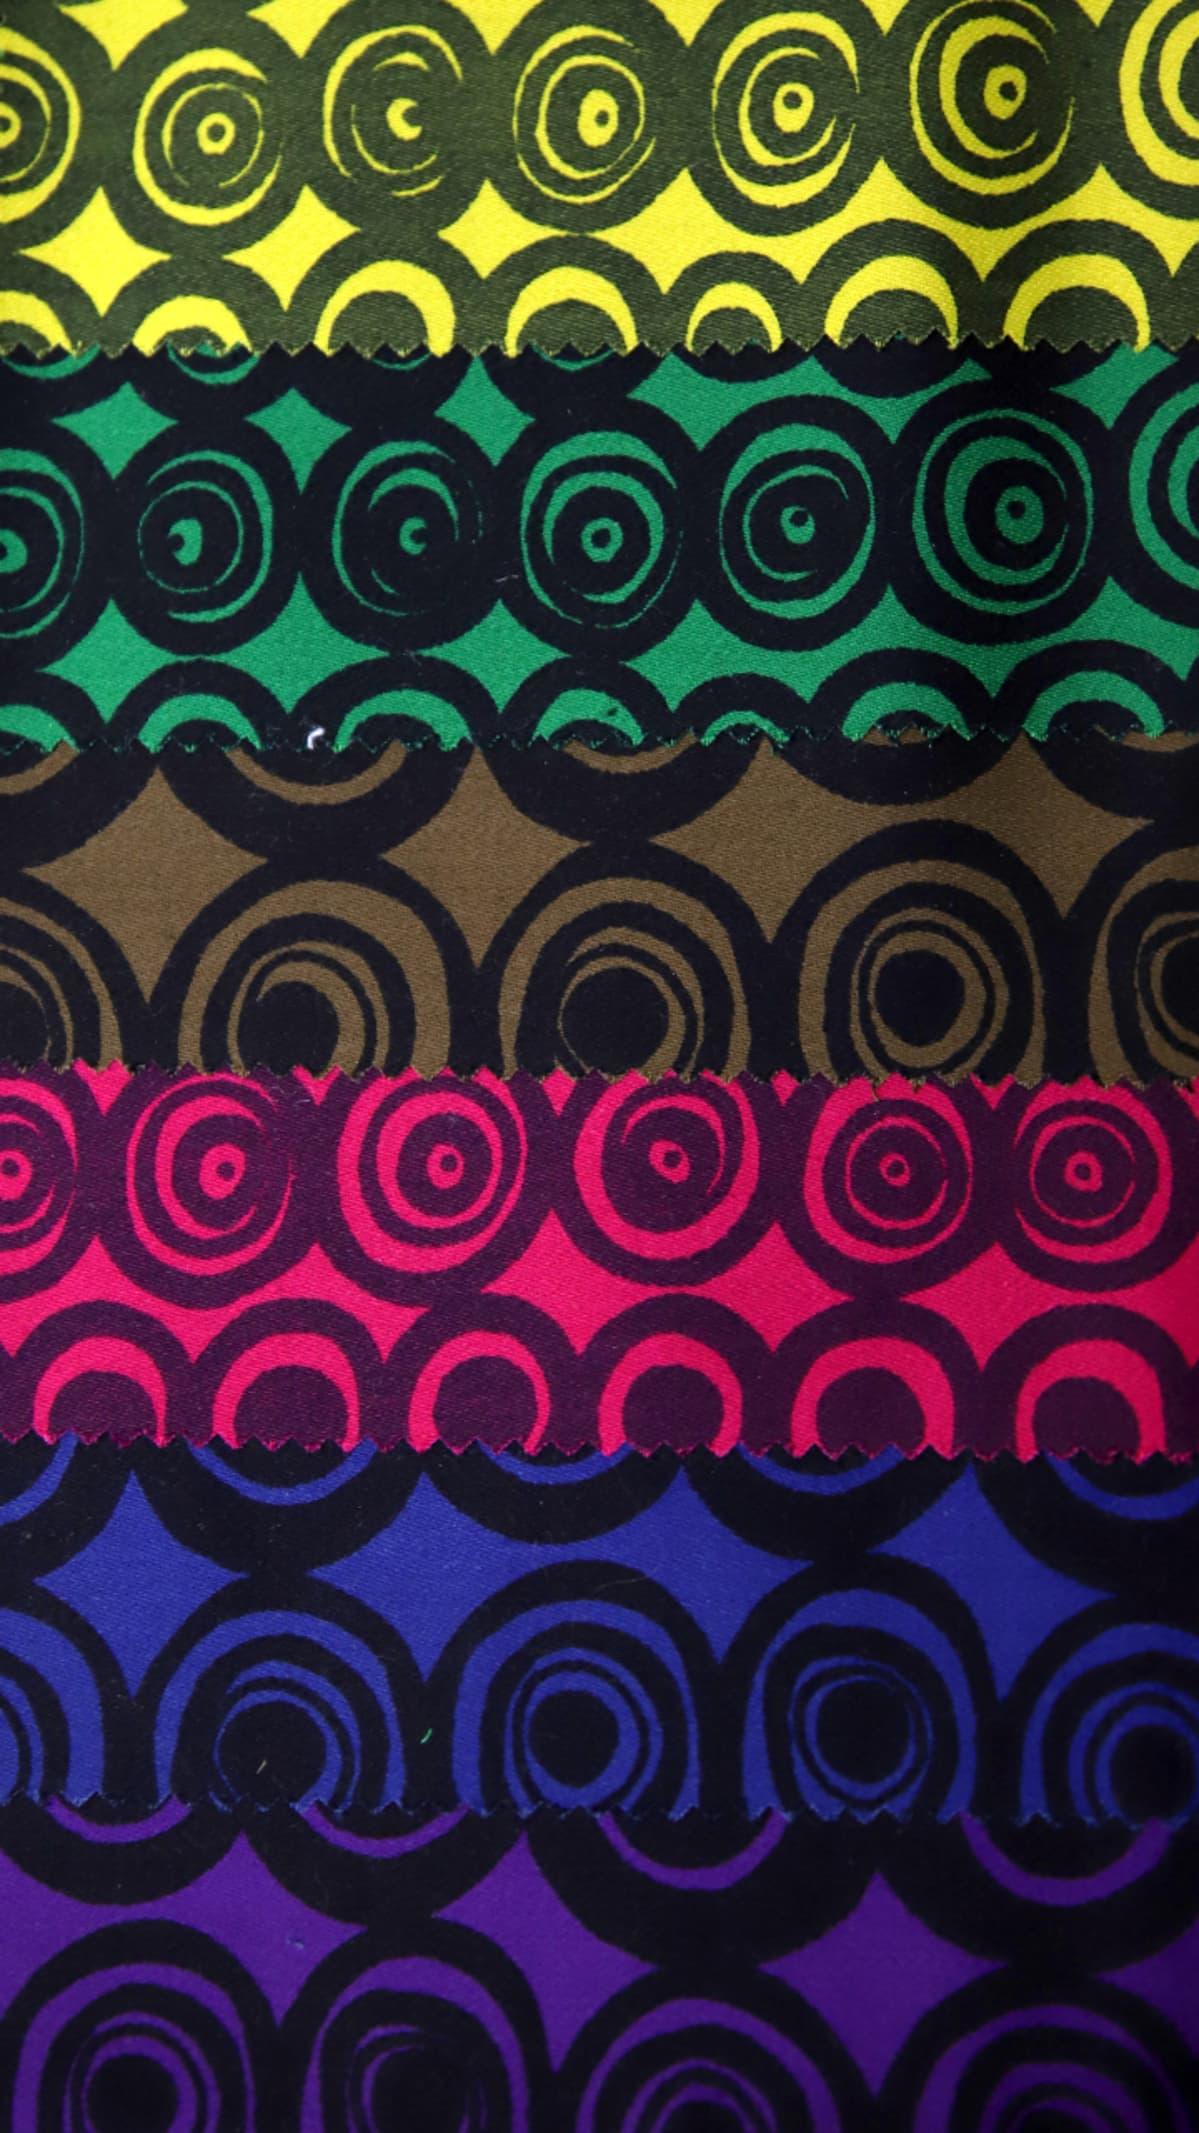 Vanha värikäs kangas ympyräkuoseilla.